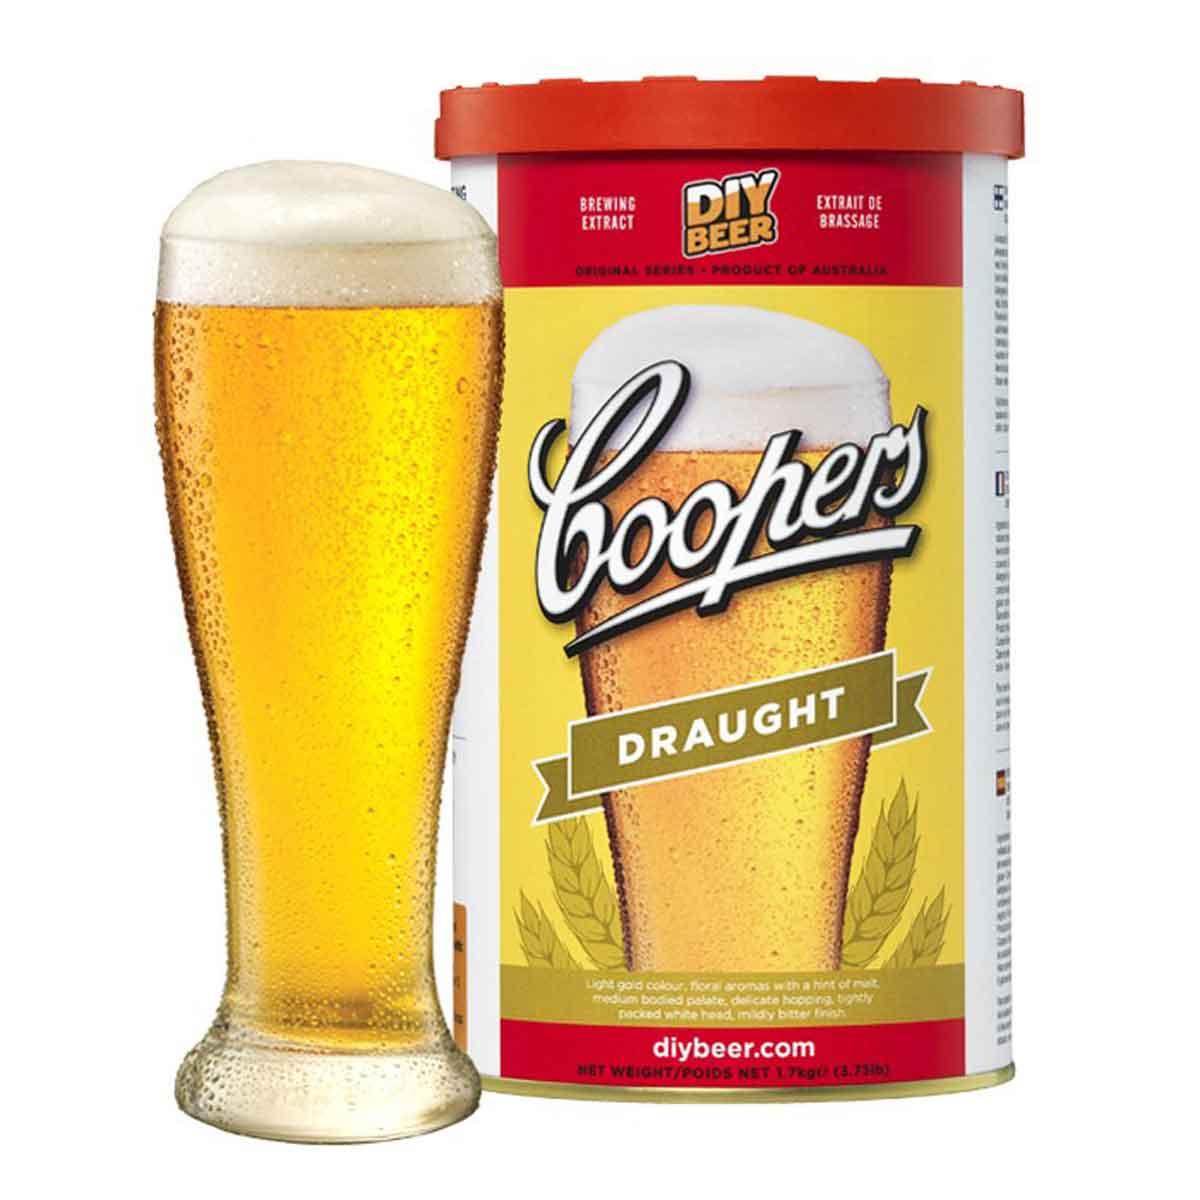 Malto per birra Coopers Draught